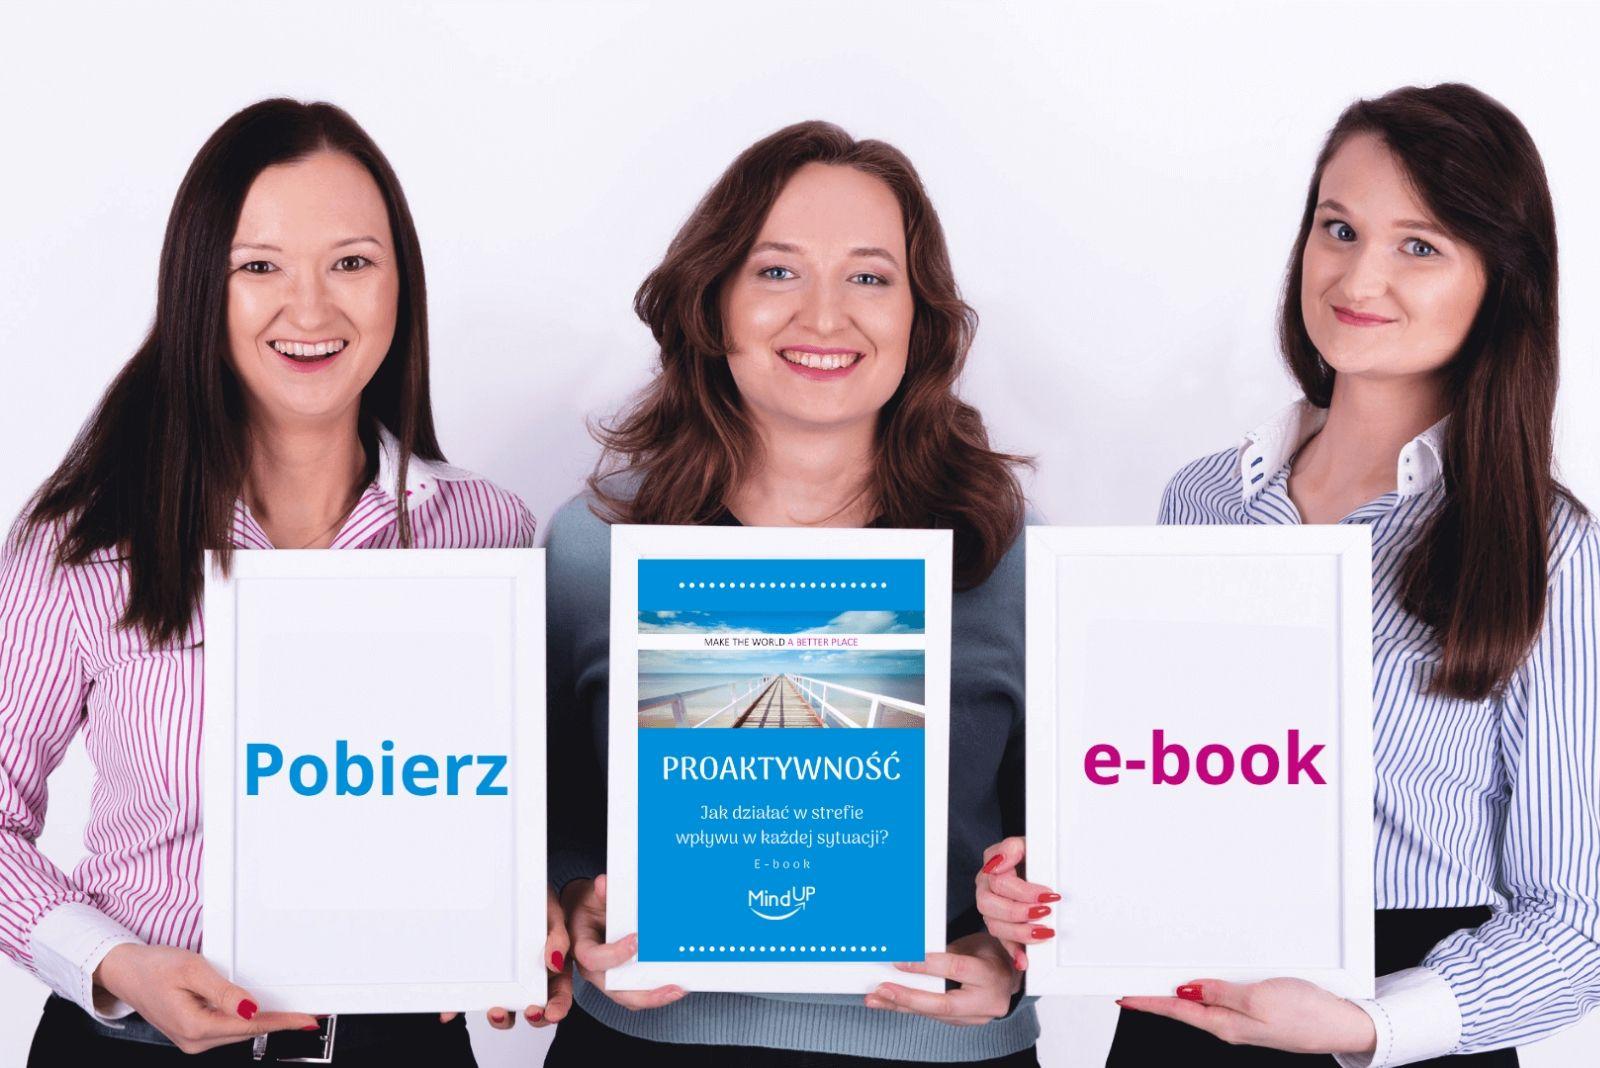 Pobierz bezpłatny ebook proaktywność Mind UP